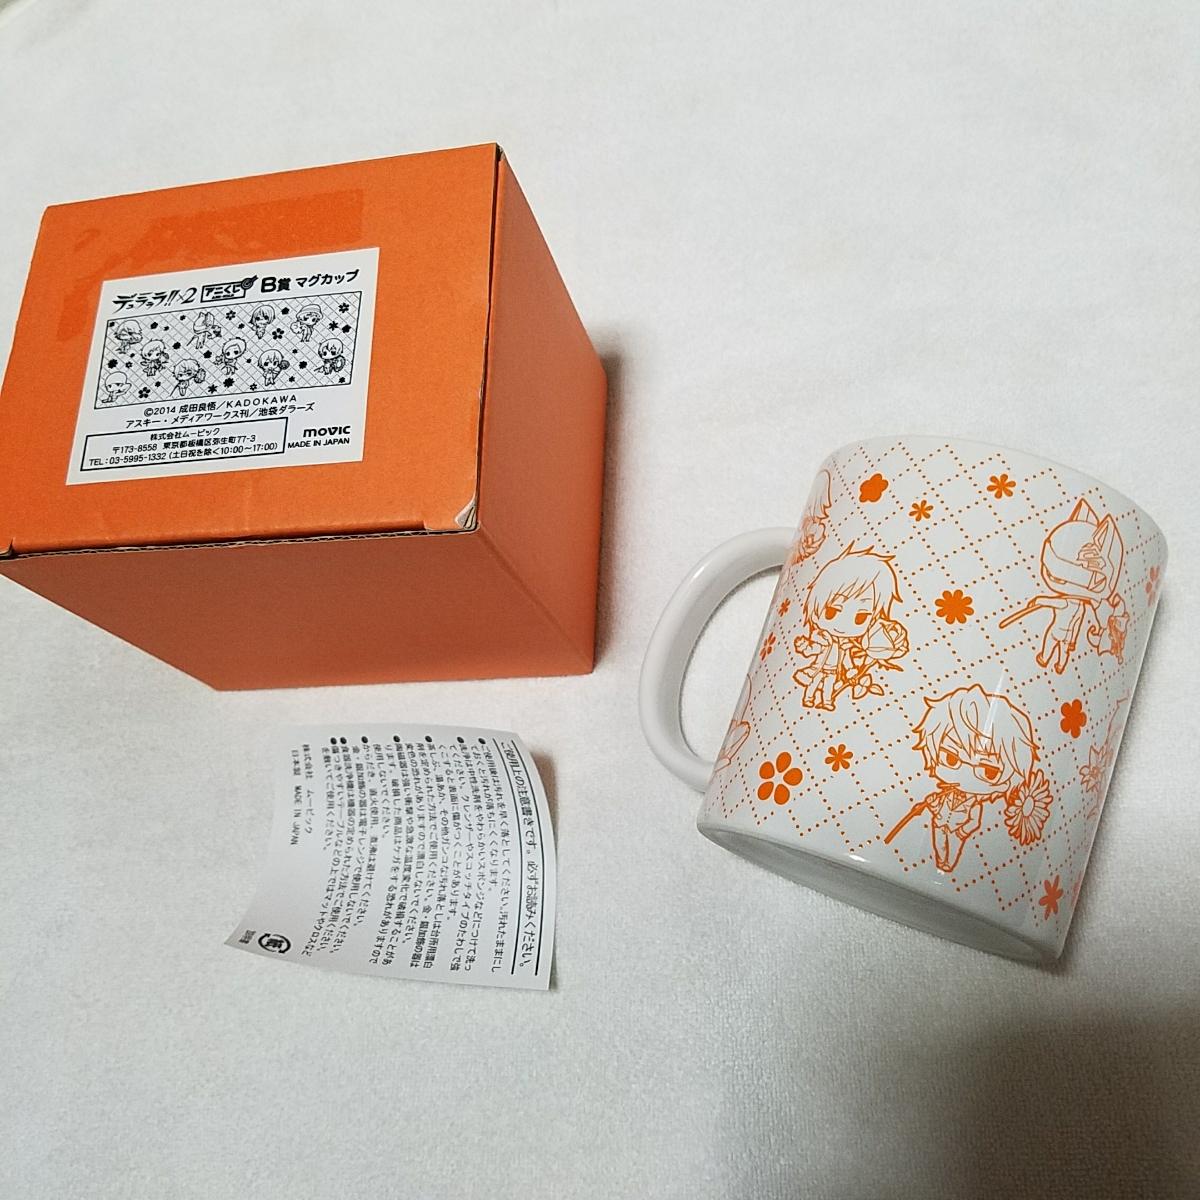 デュラララ アニくじ B賞 マグカップ ムービック 未使用品_画像1